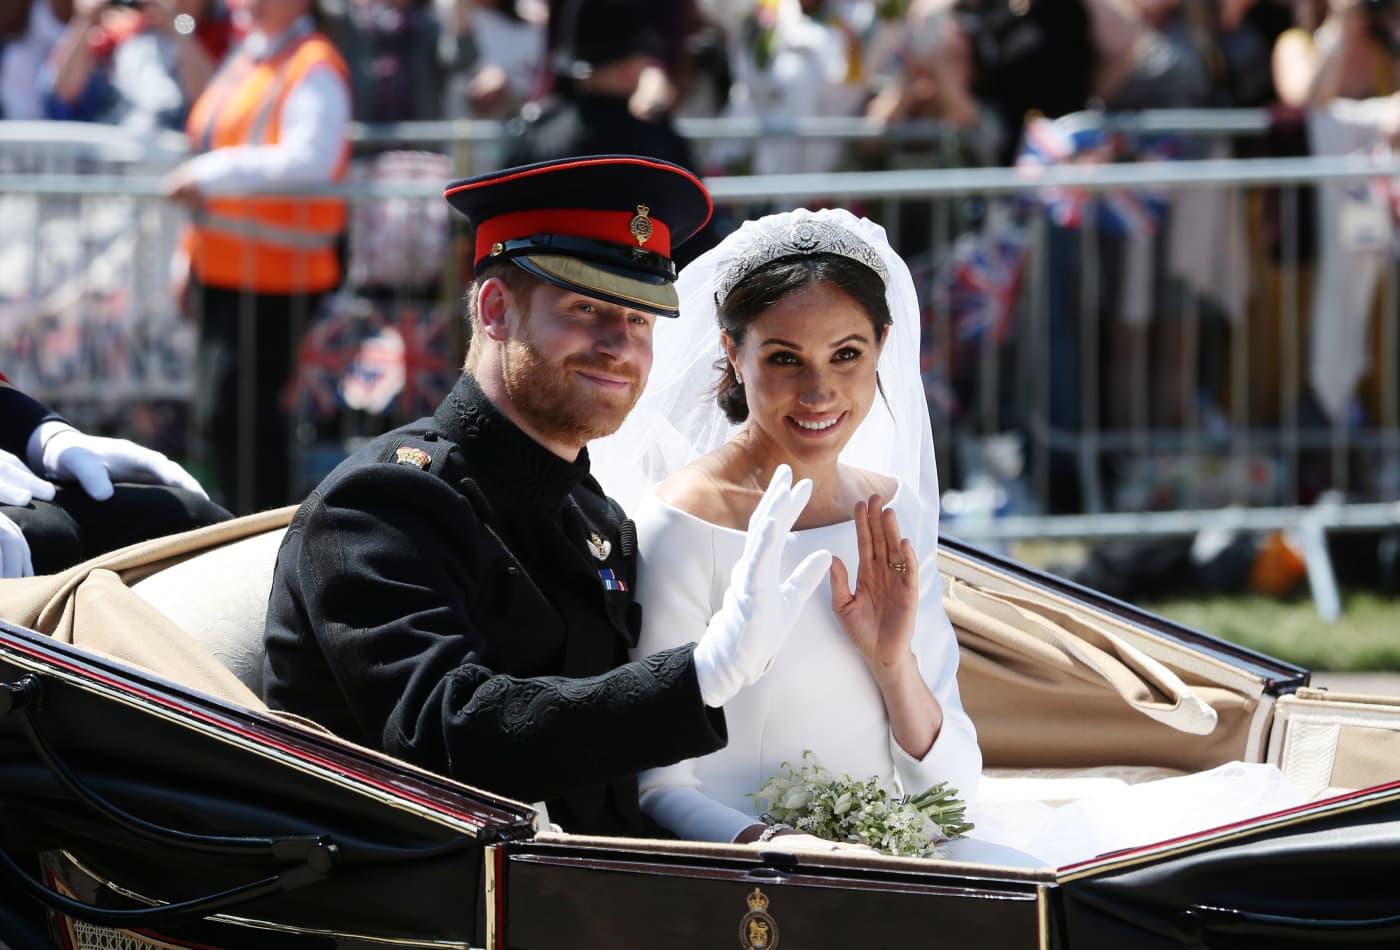 Prince Harry Wedding.Ratings For Prince Harry And Meghan Markle Royal Wedding